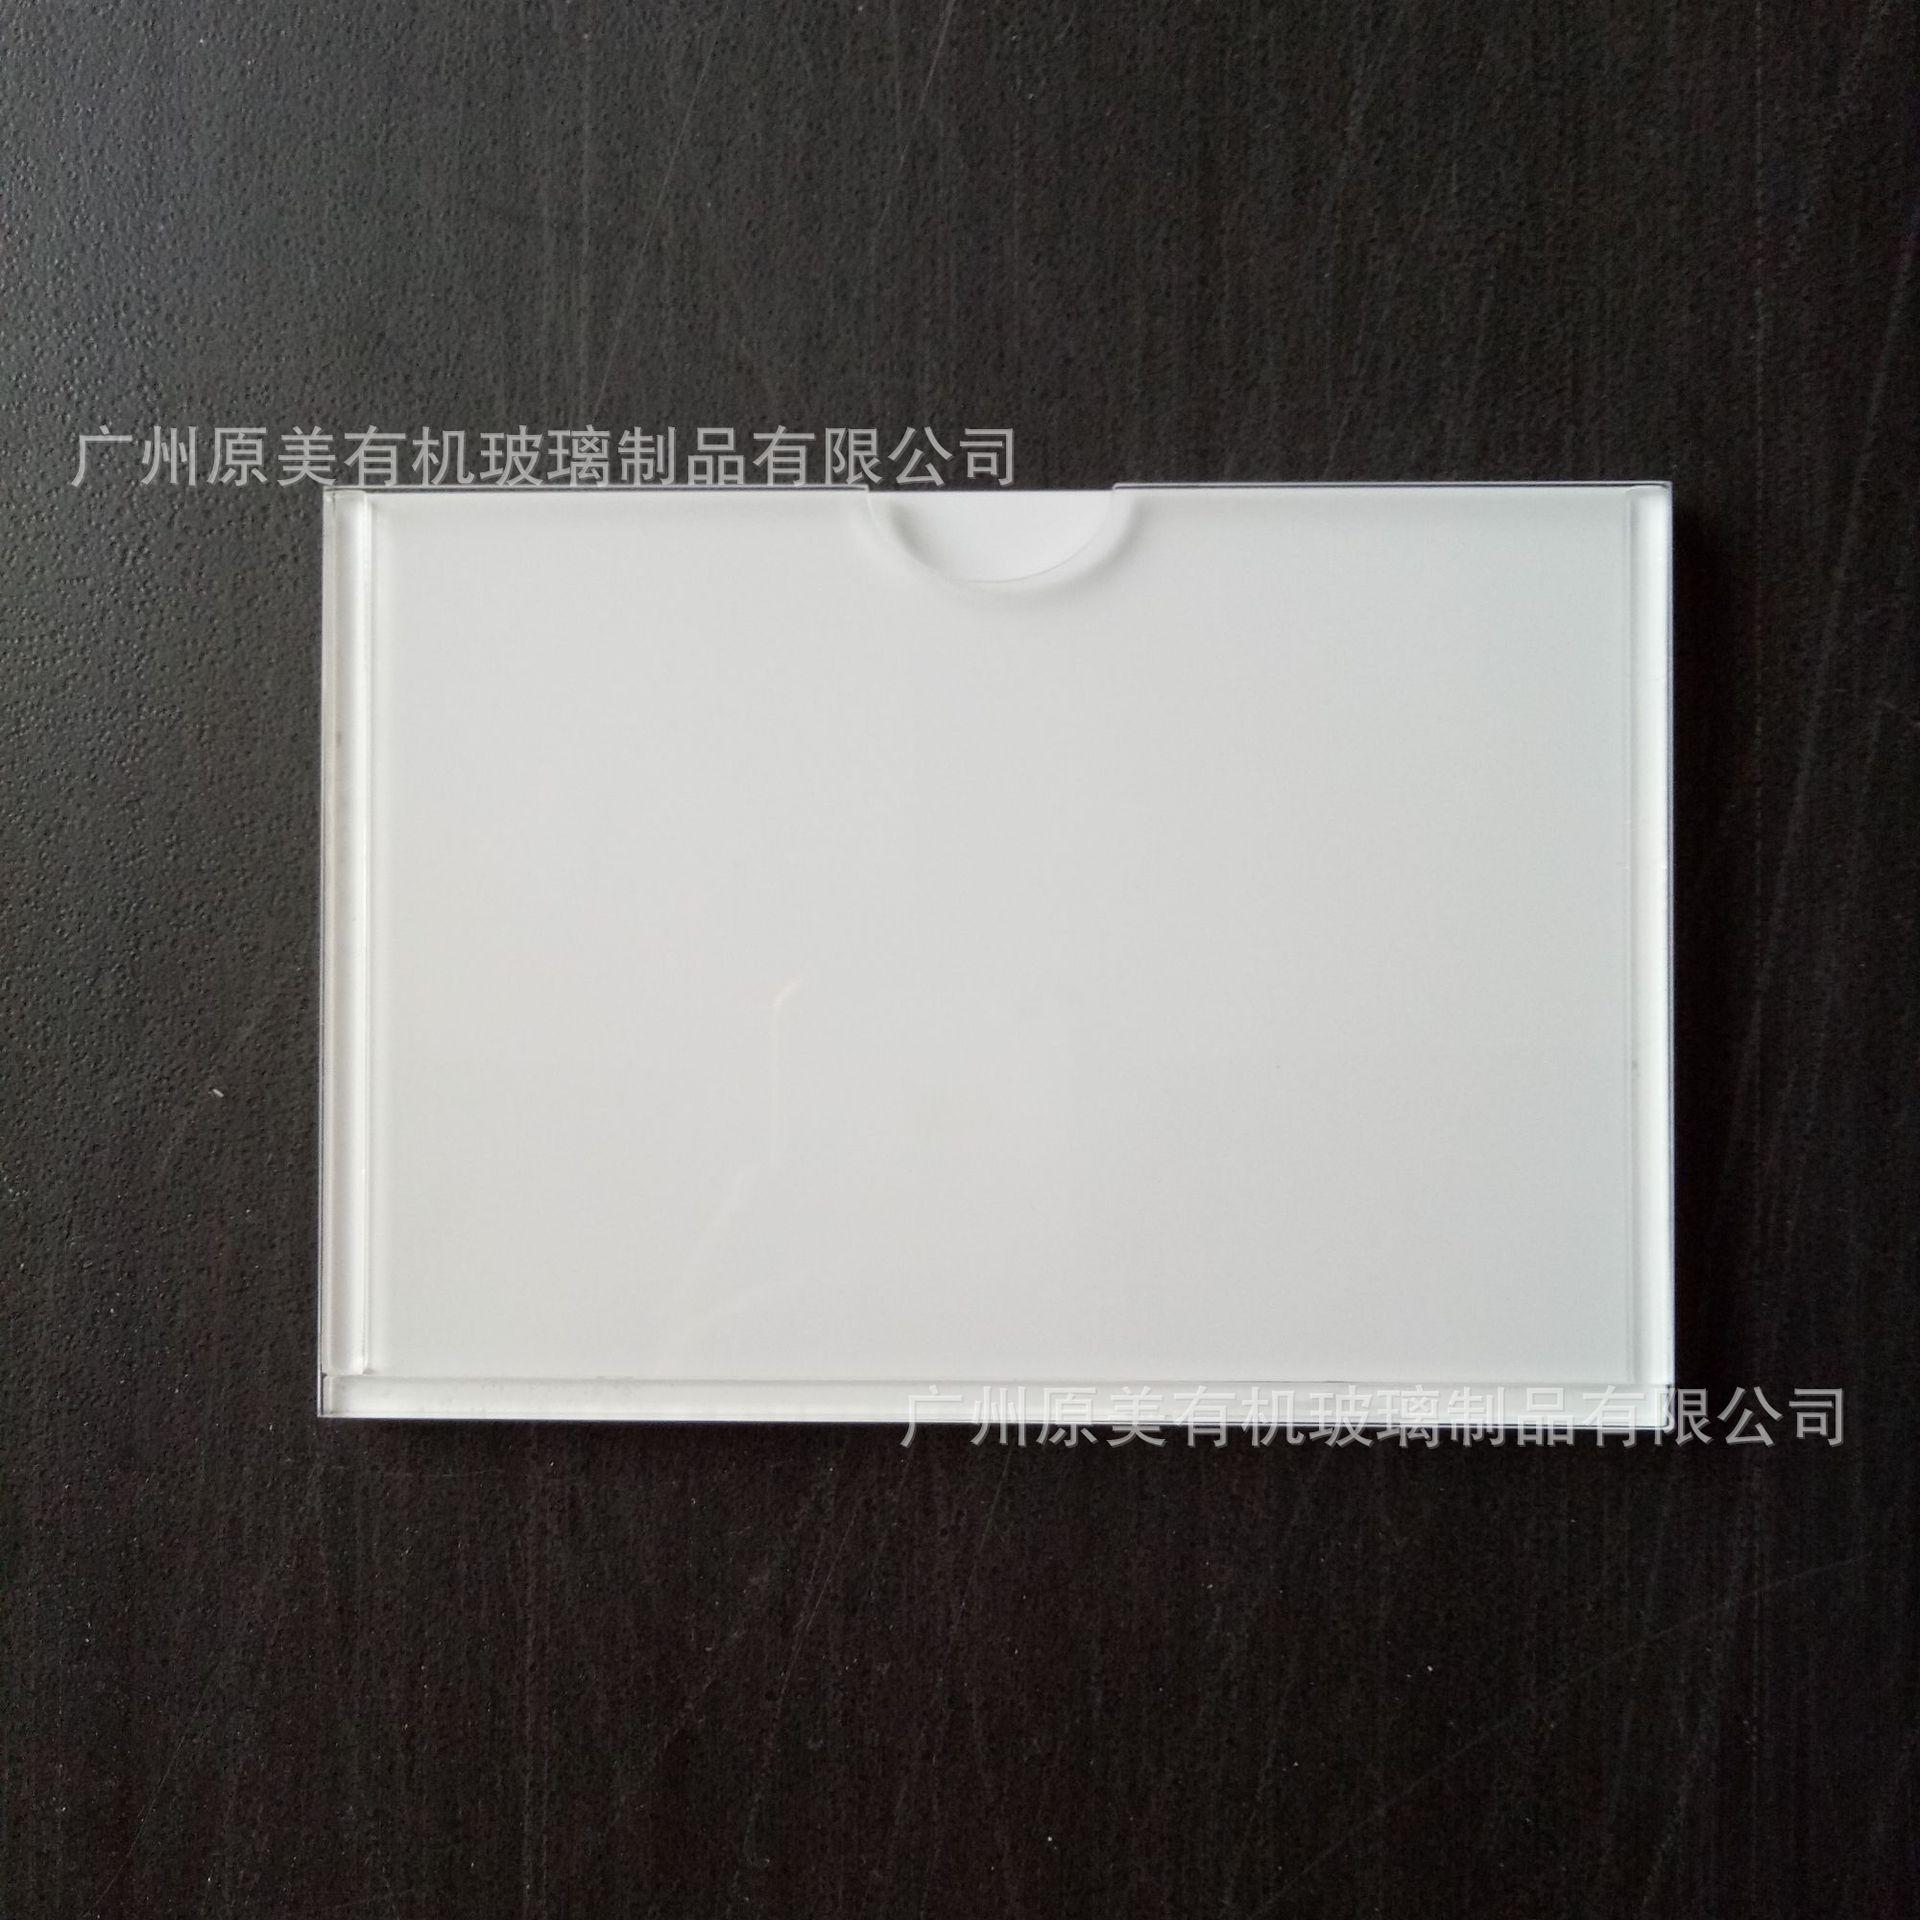 厂家双层亚克力A4卡槽资料?#22411;?#26126;亚克力插卡展示盒公告栏物业盒子